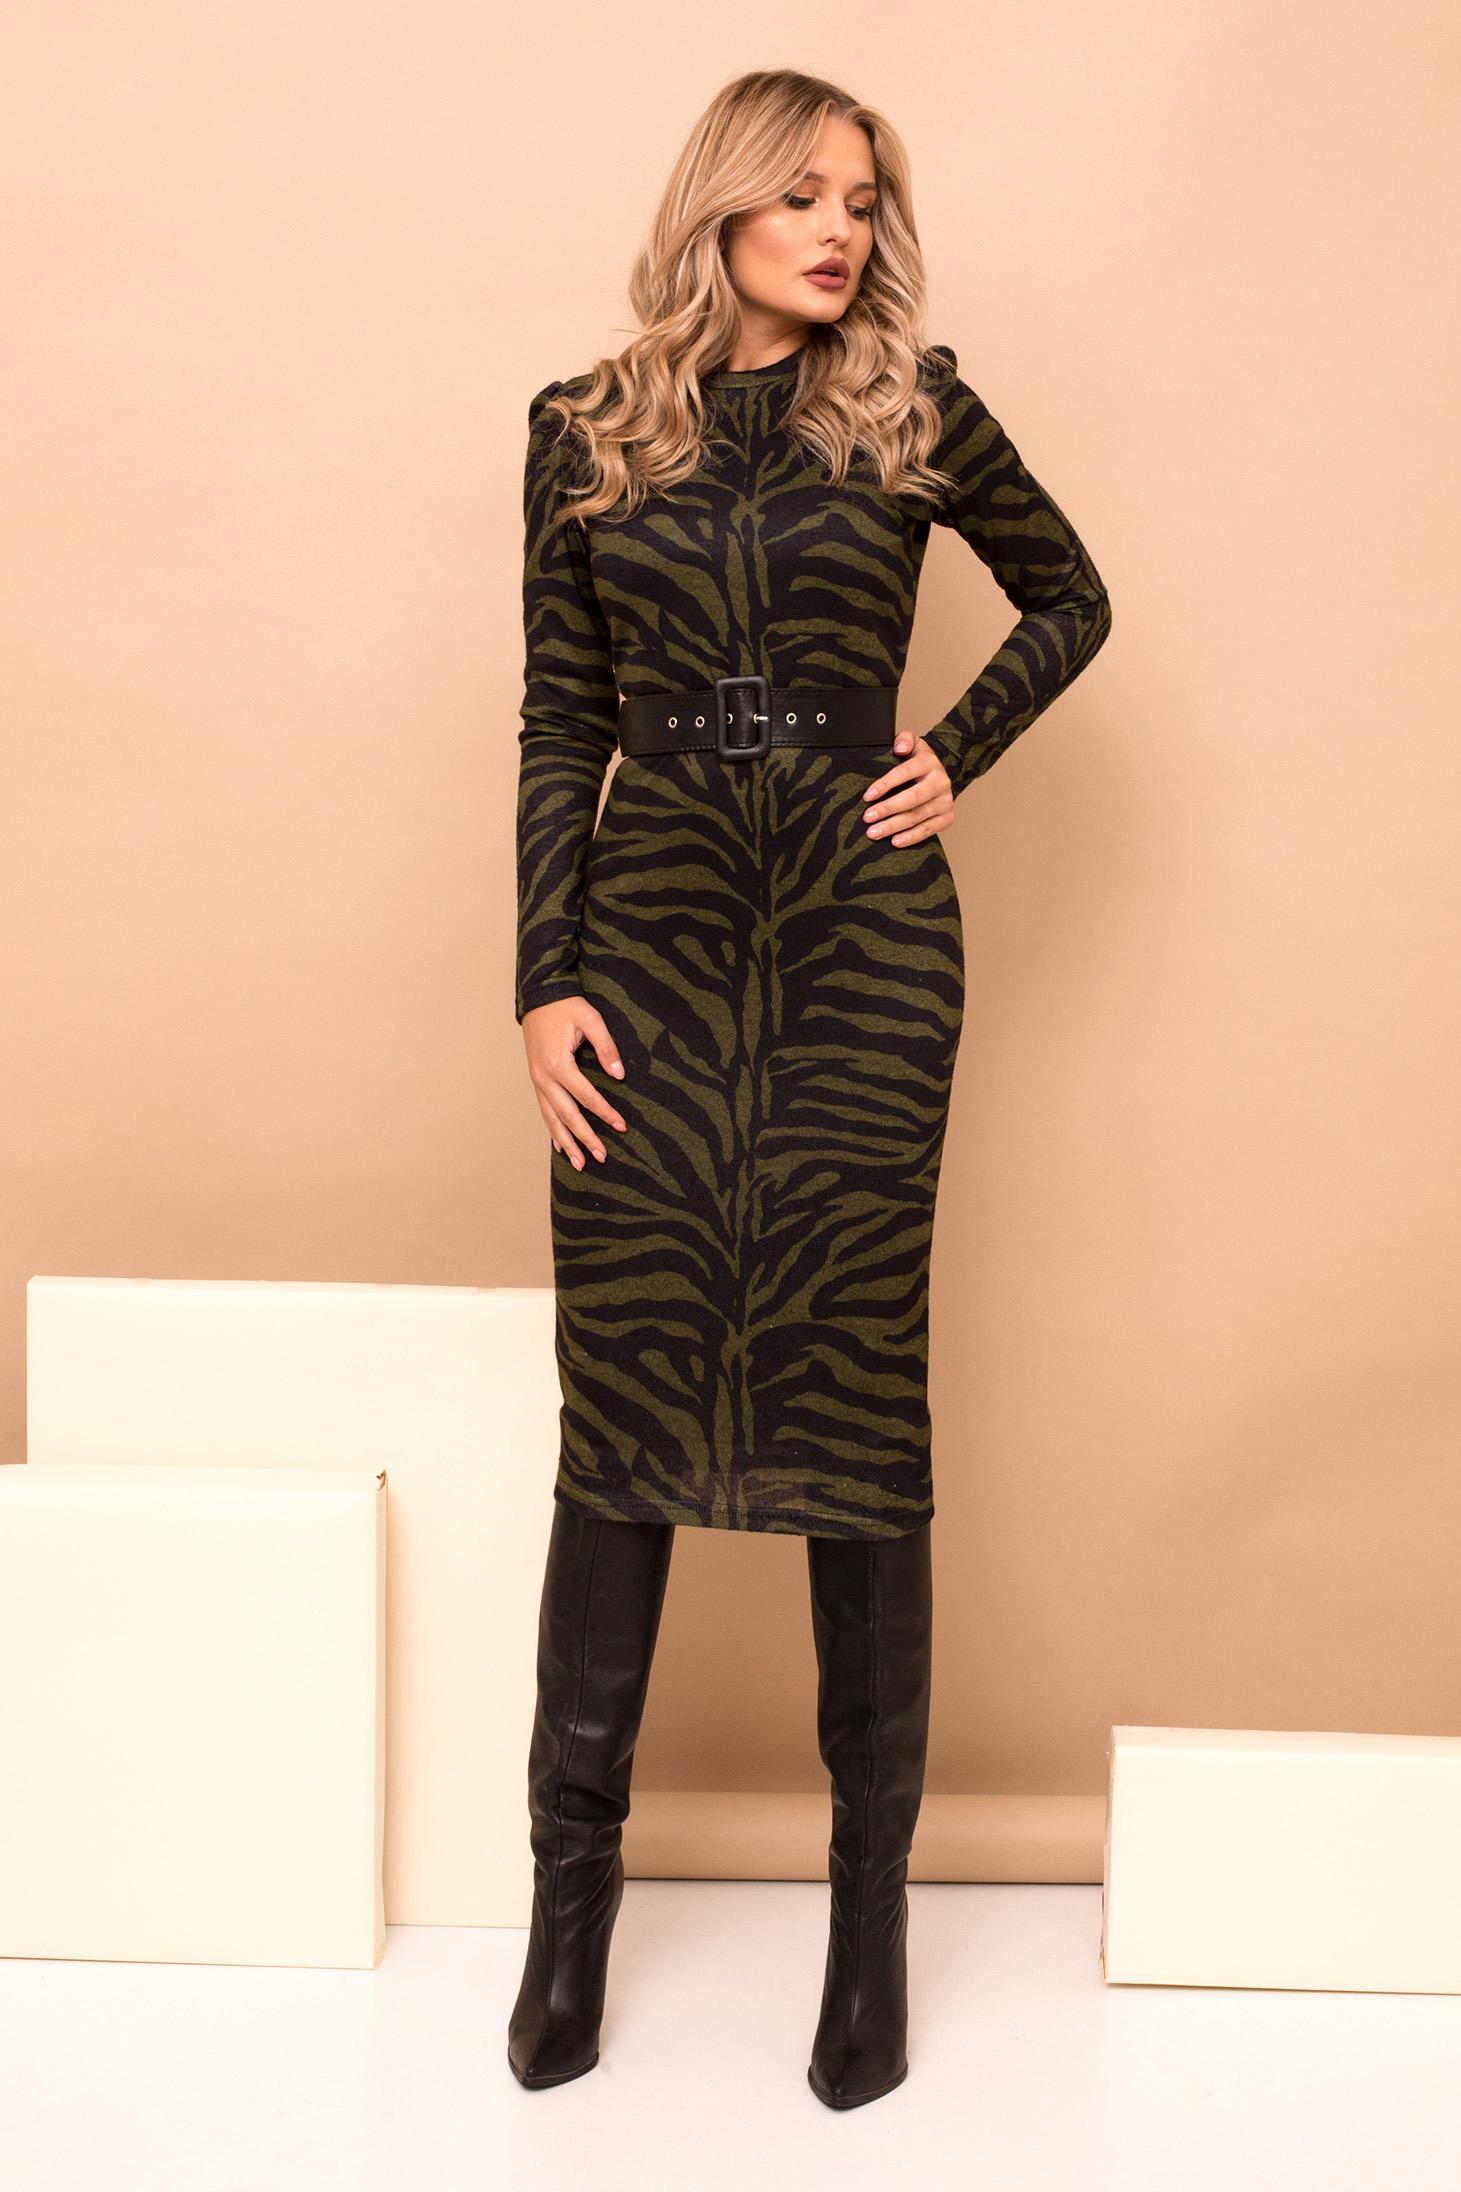 Dress khaki pencil midi elegant knitted fabric tiger print accessorized with belt